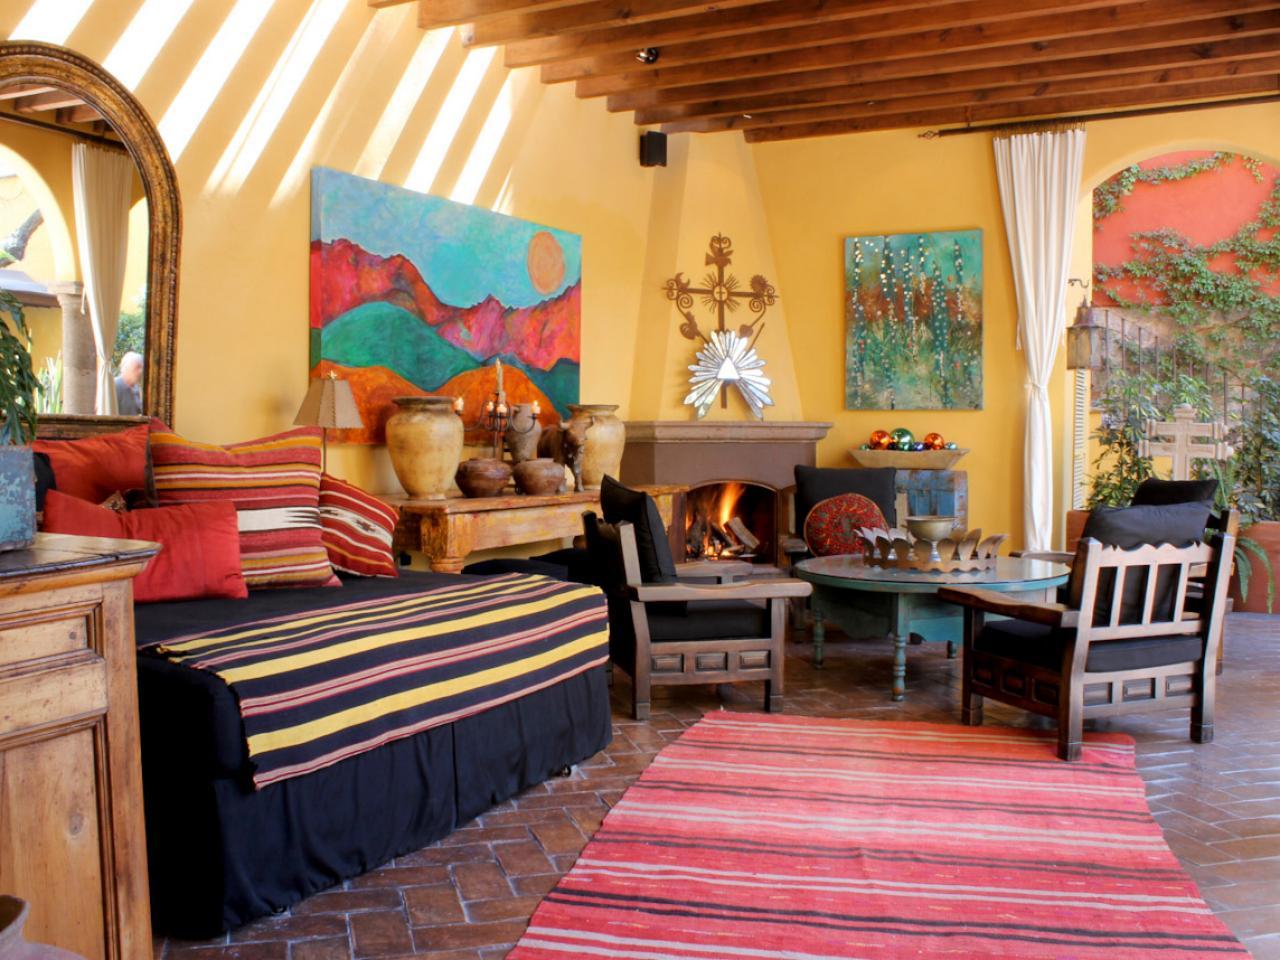 Meksi ki stil osve avaju a ose ajnost bravacasa magazin for Spanish inspired living room